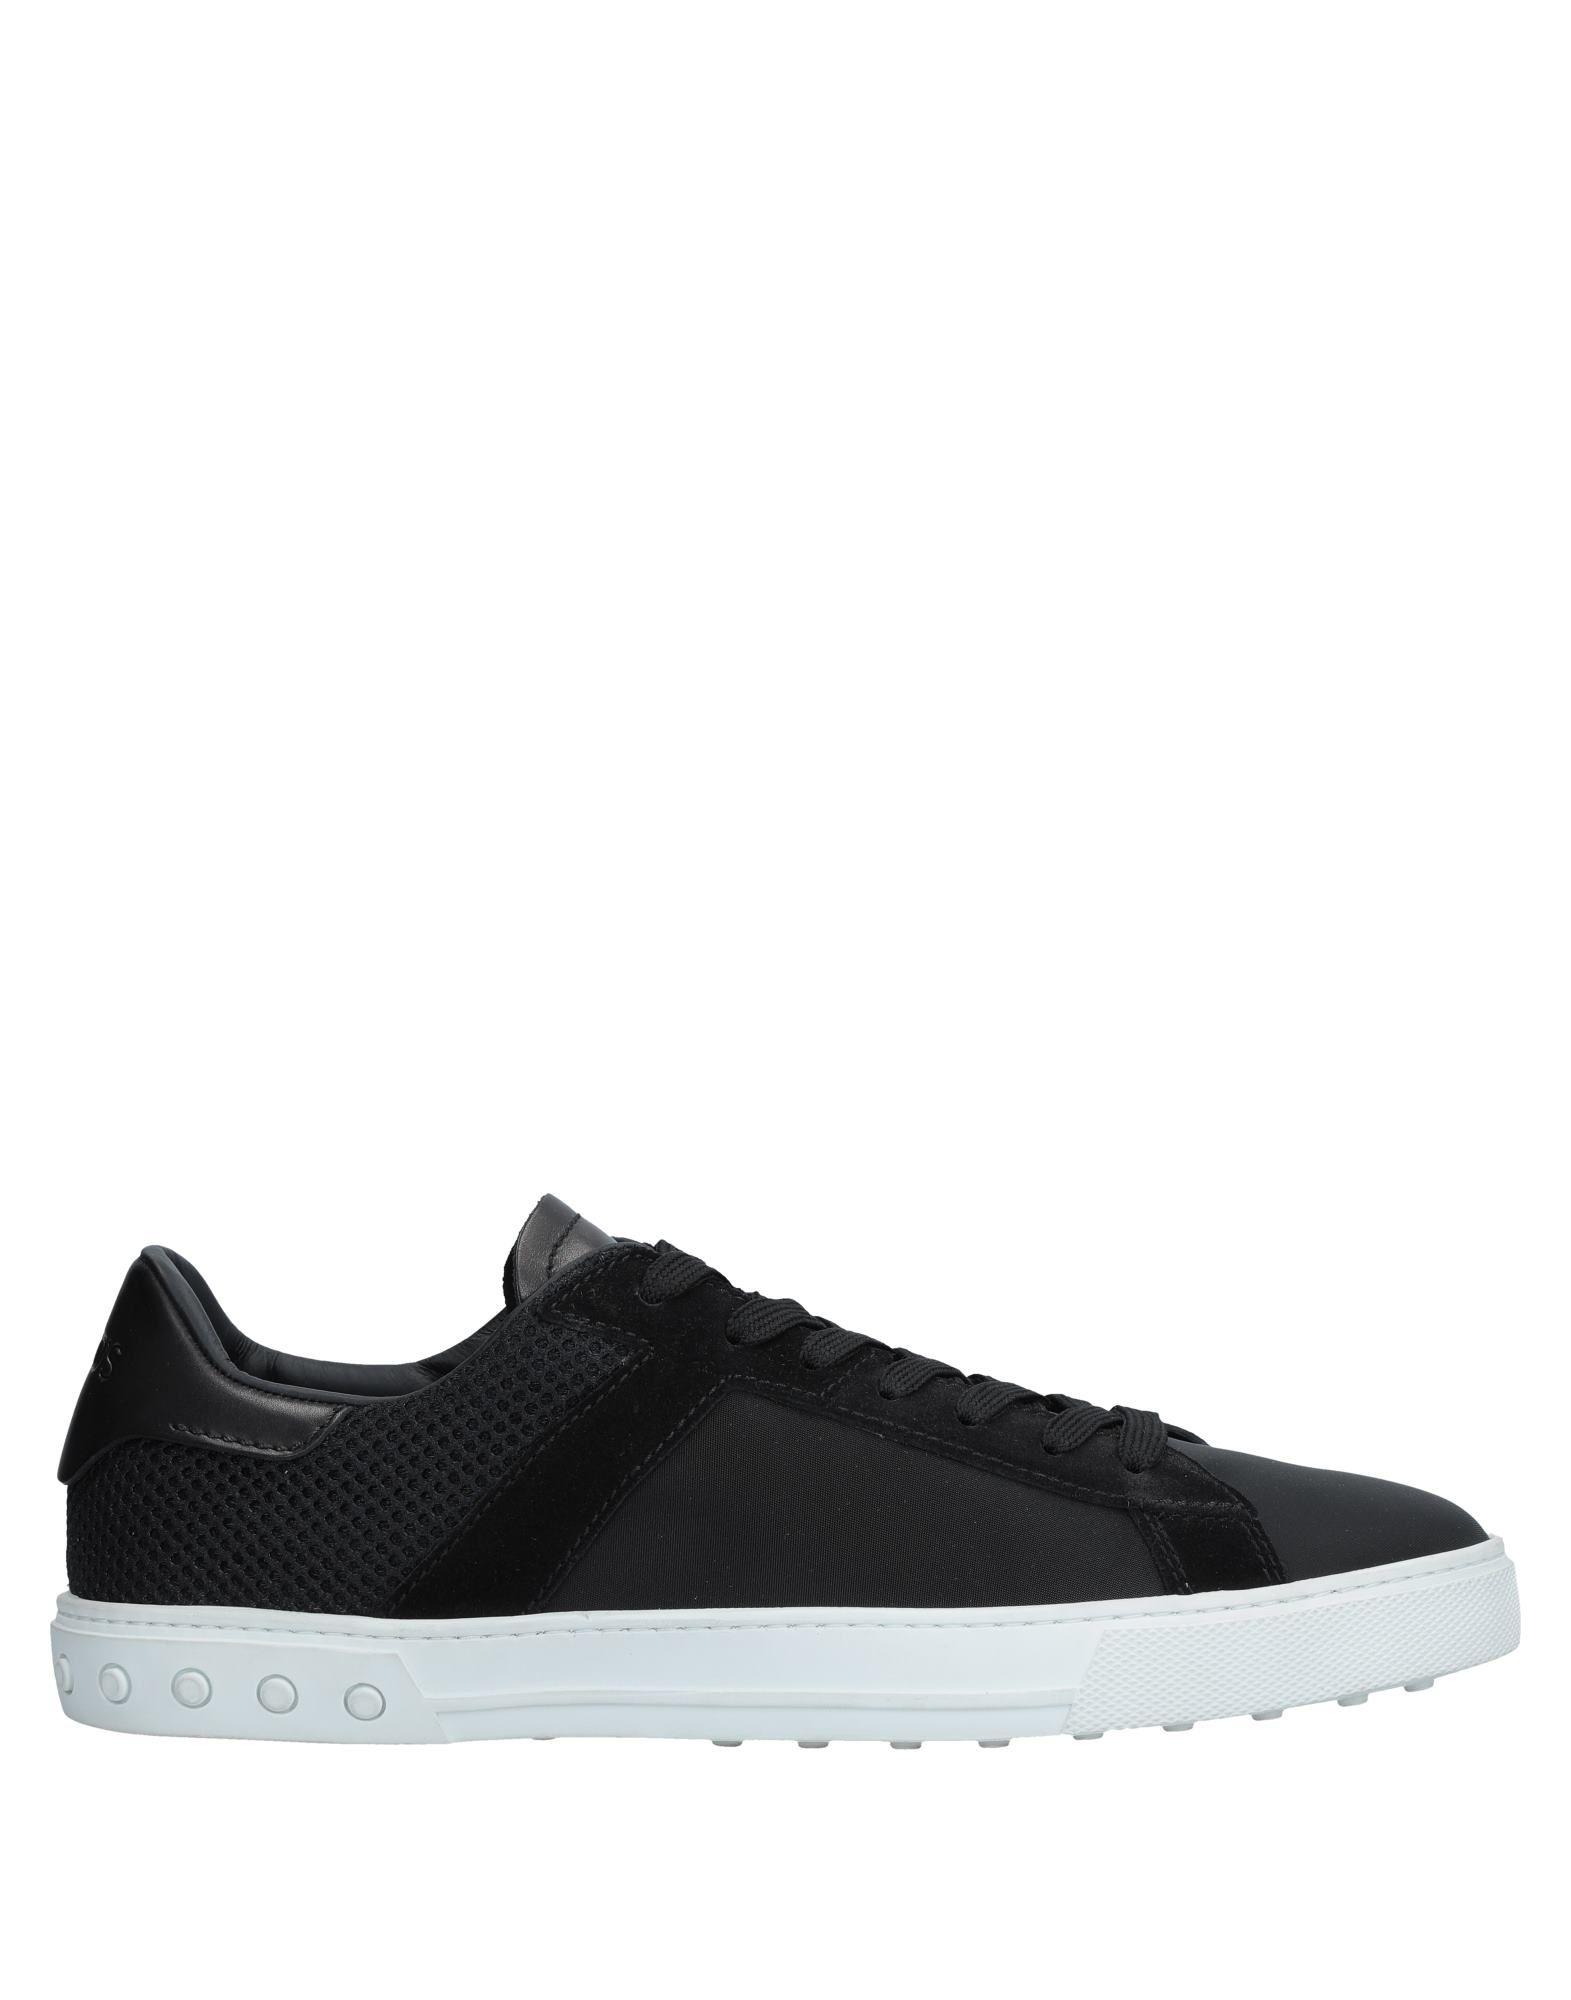 Haltbare Mode billige Schuhe Tod's Sneakers Herren  11542677DI Heiße Schuhe